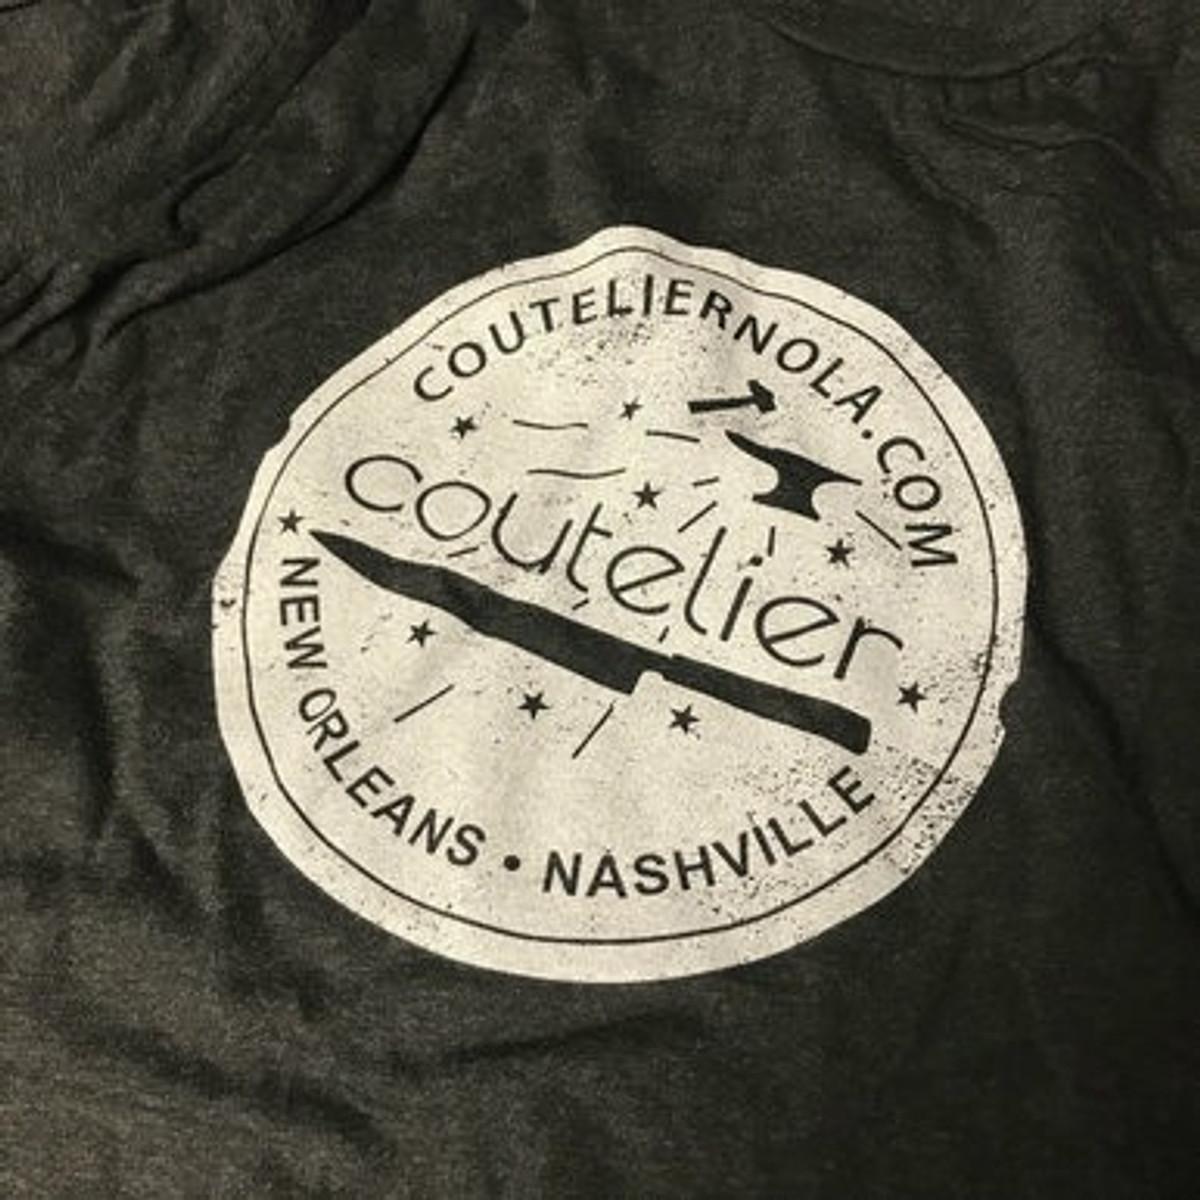 Coutelier T-Shirt - NOLA/NASH